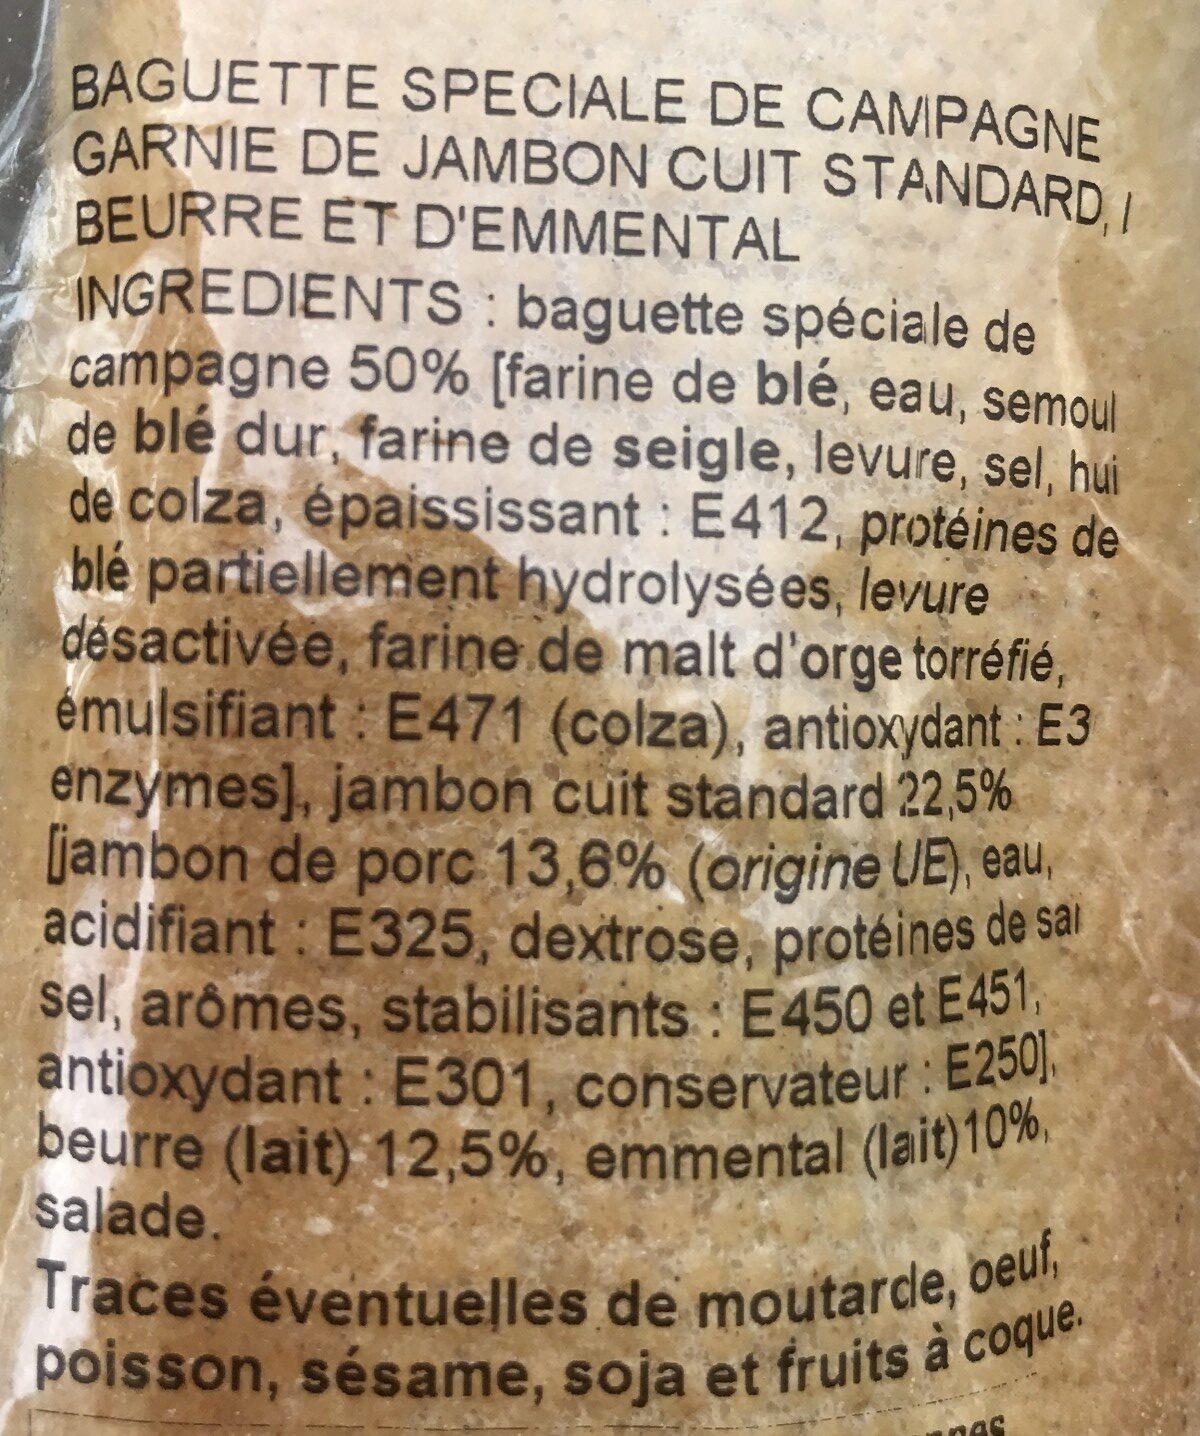 Ma Baguette Sandwich - Jambon Emmental - Ingrédients - fr